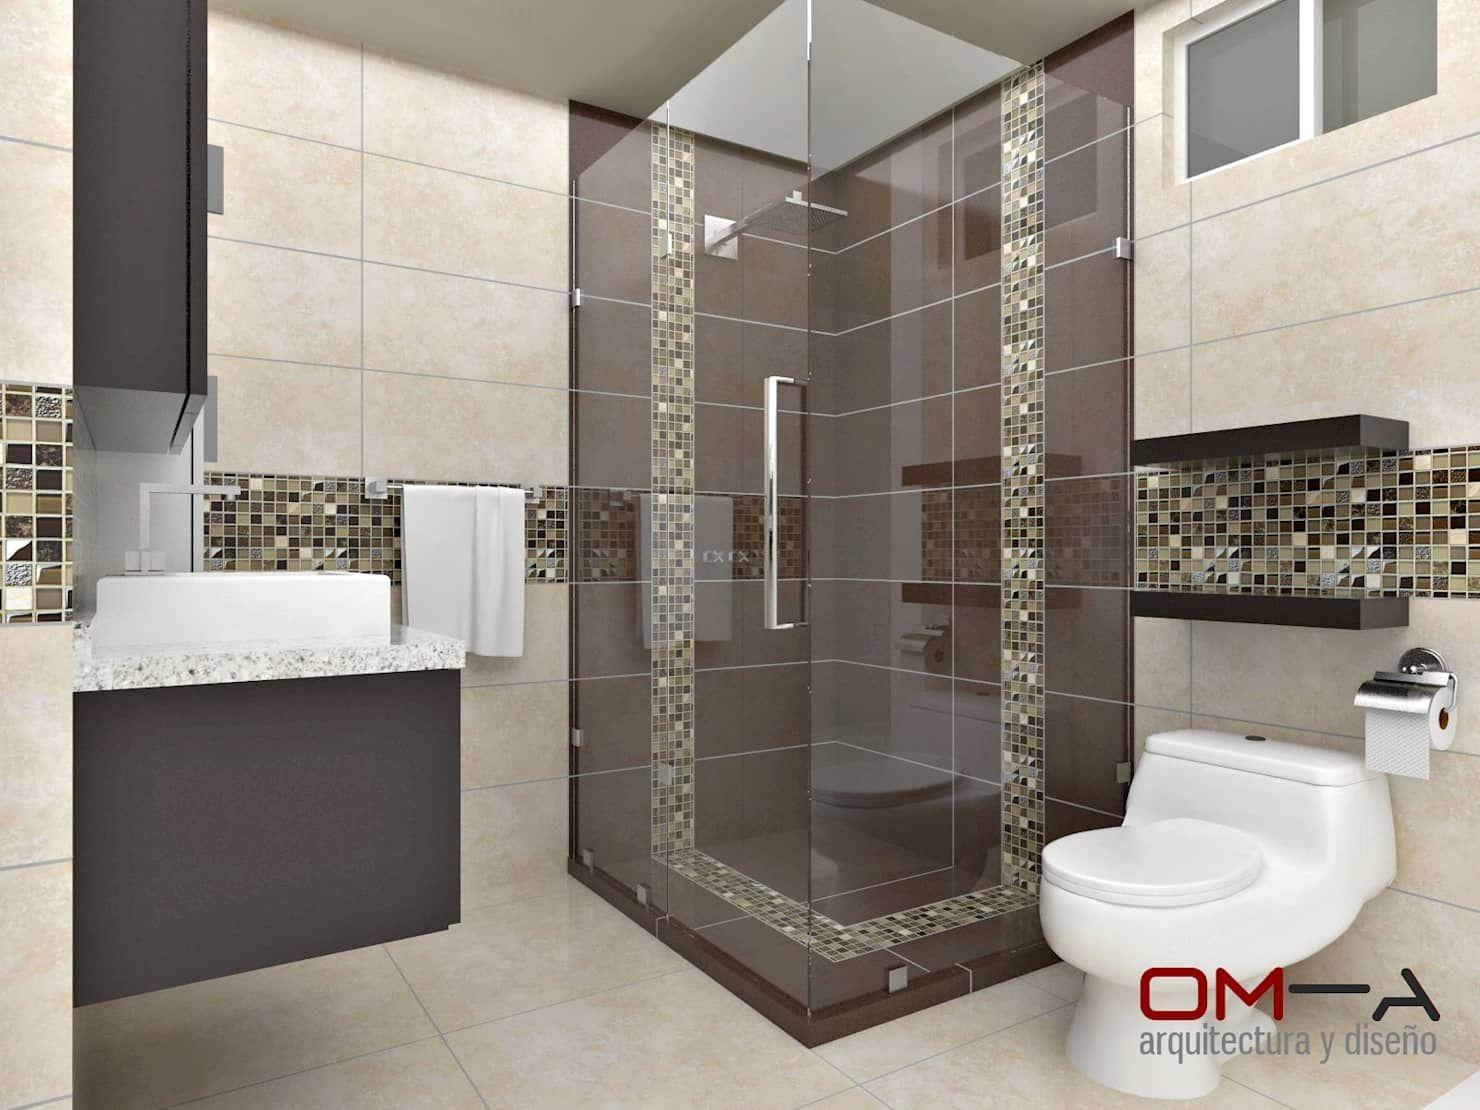 Diseño interior en apartamento, espacio baño principal ...